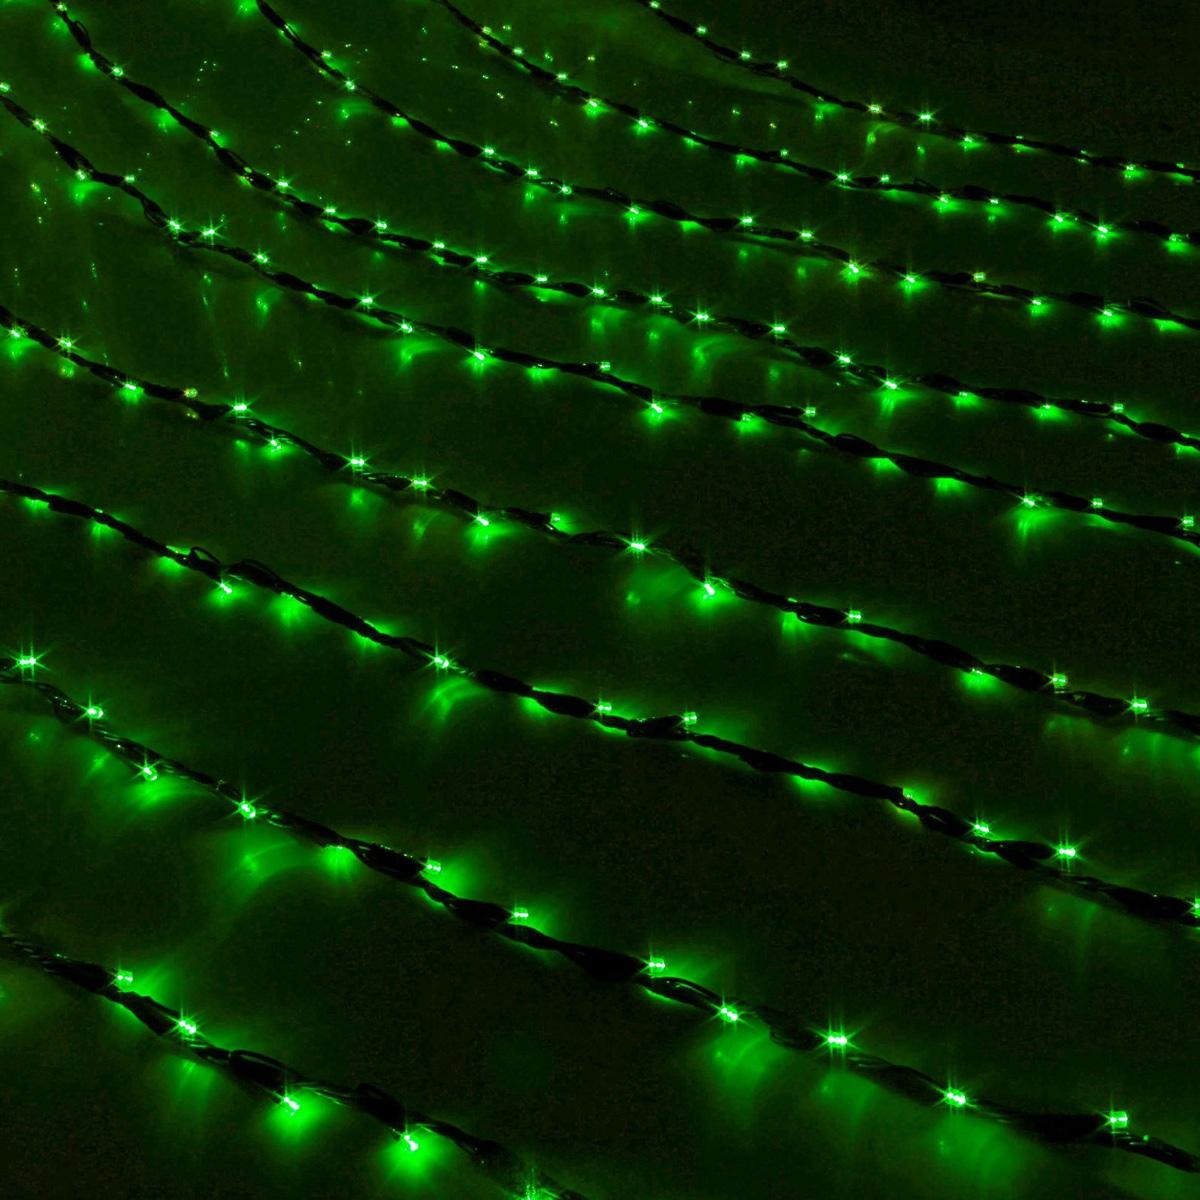 Гирлянда светодиодная Luazon Дождь, уличная, 8 режимов, 400 ламп, 220 V, цвет: зеленый, 2 х 1,5 м. 187294 гирлянда luazon дождь 2m 1 5m multicolor 671638